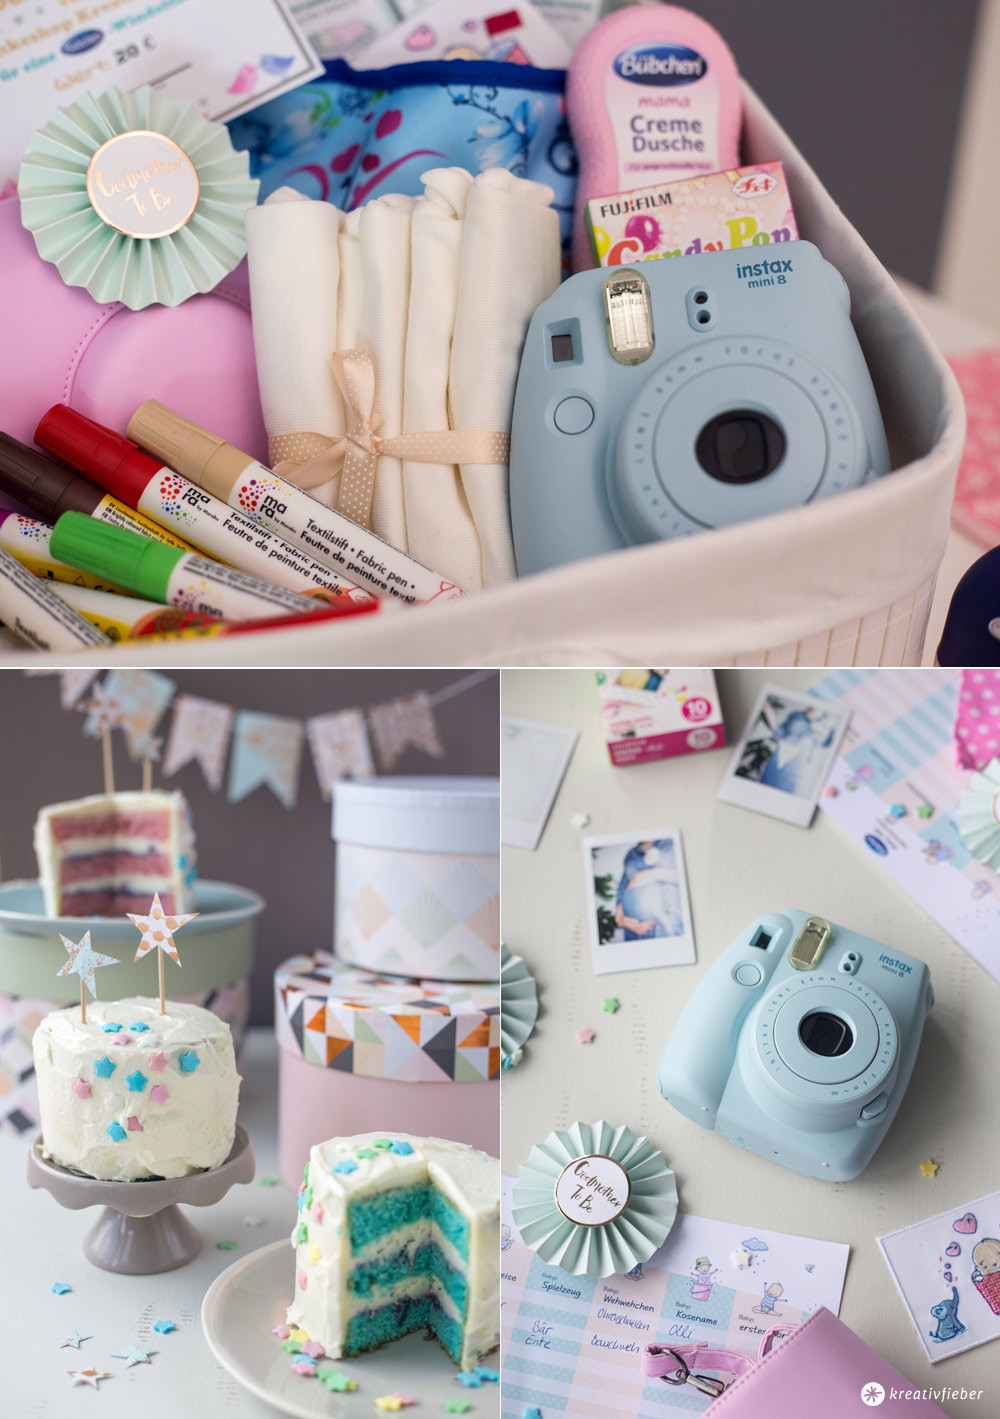 Geschenke-Spiele-Ideen  Babyparty geschenke ideen – Beste Geschenk Website Foto Blog